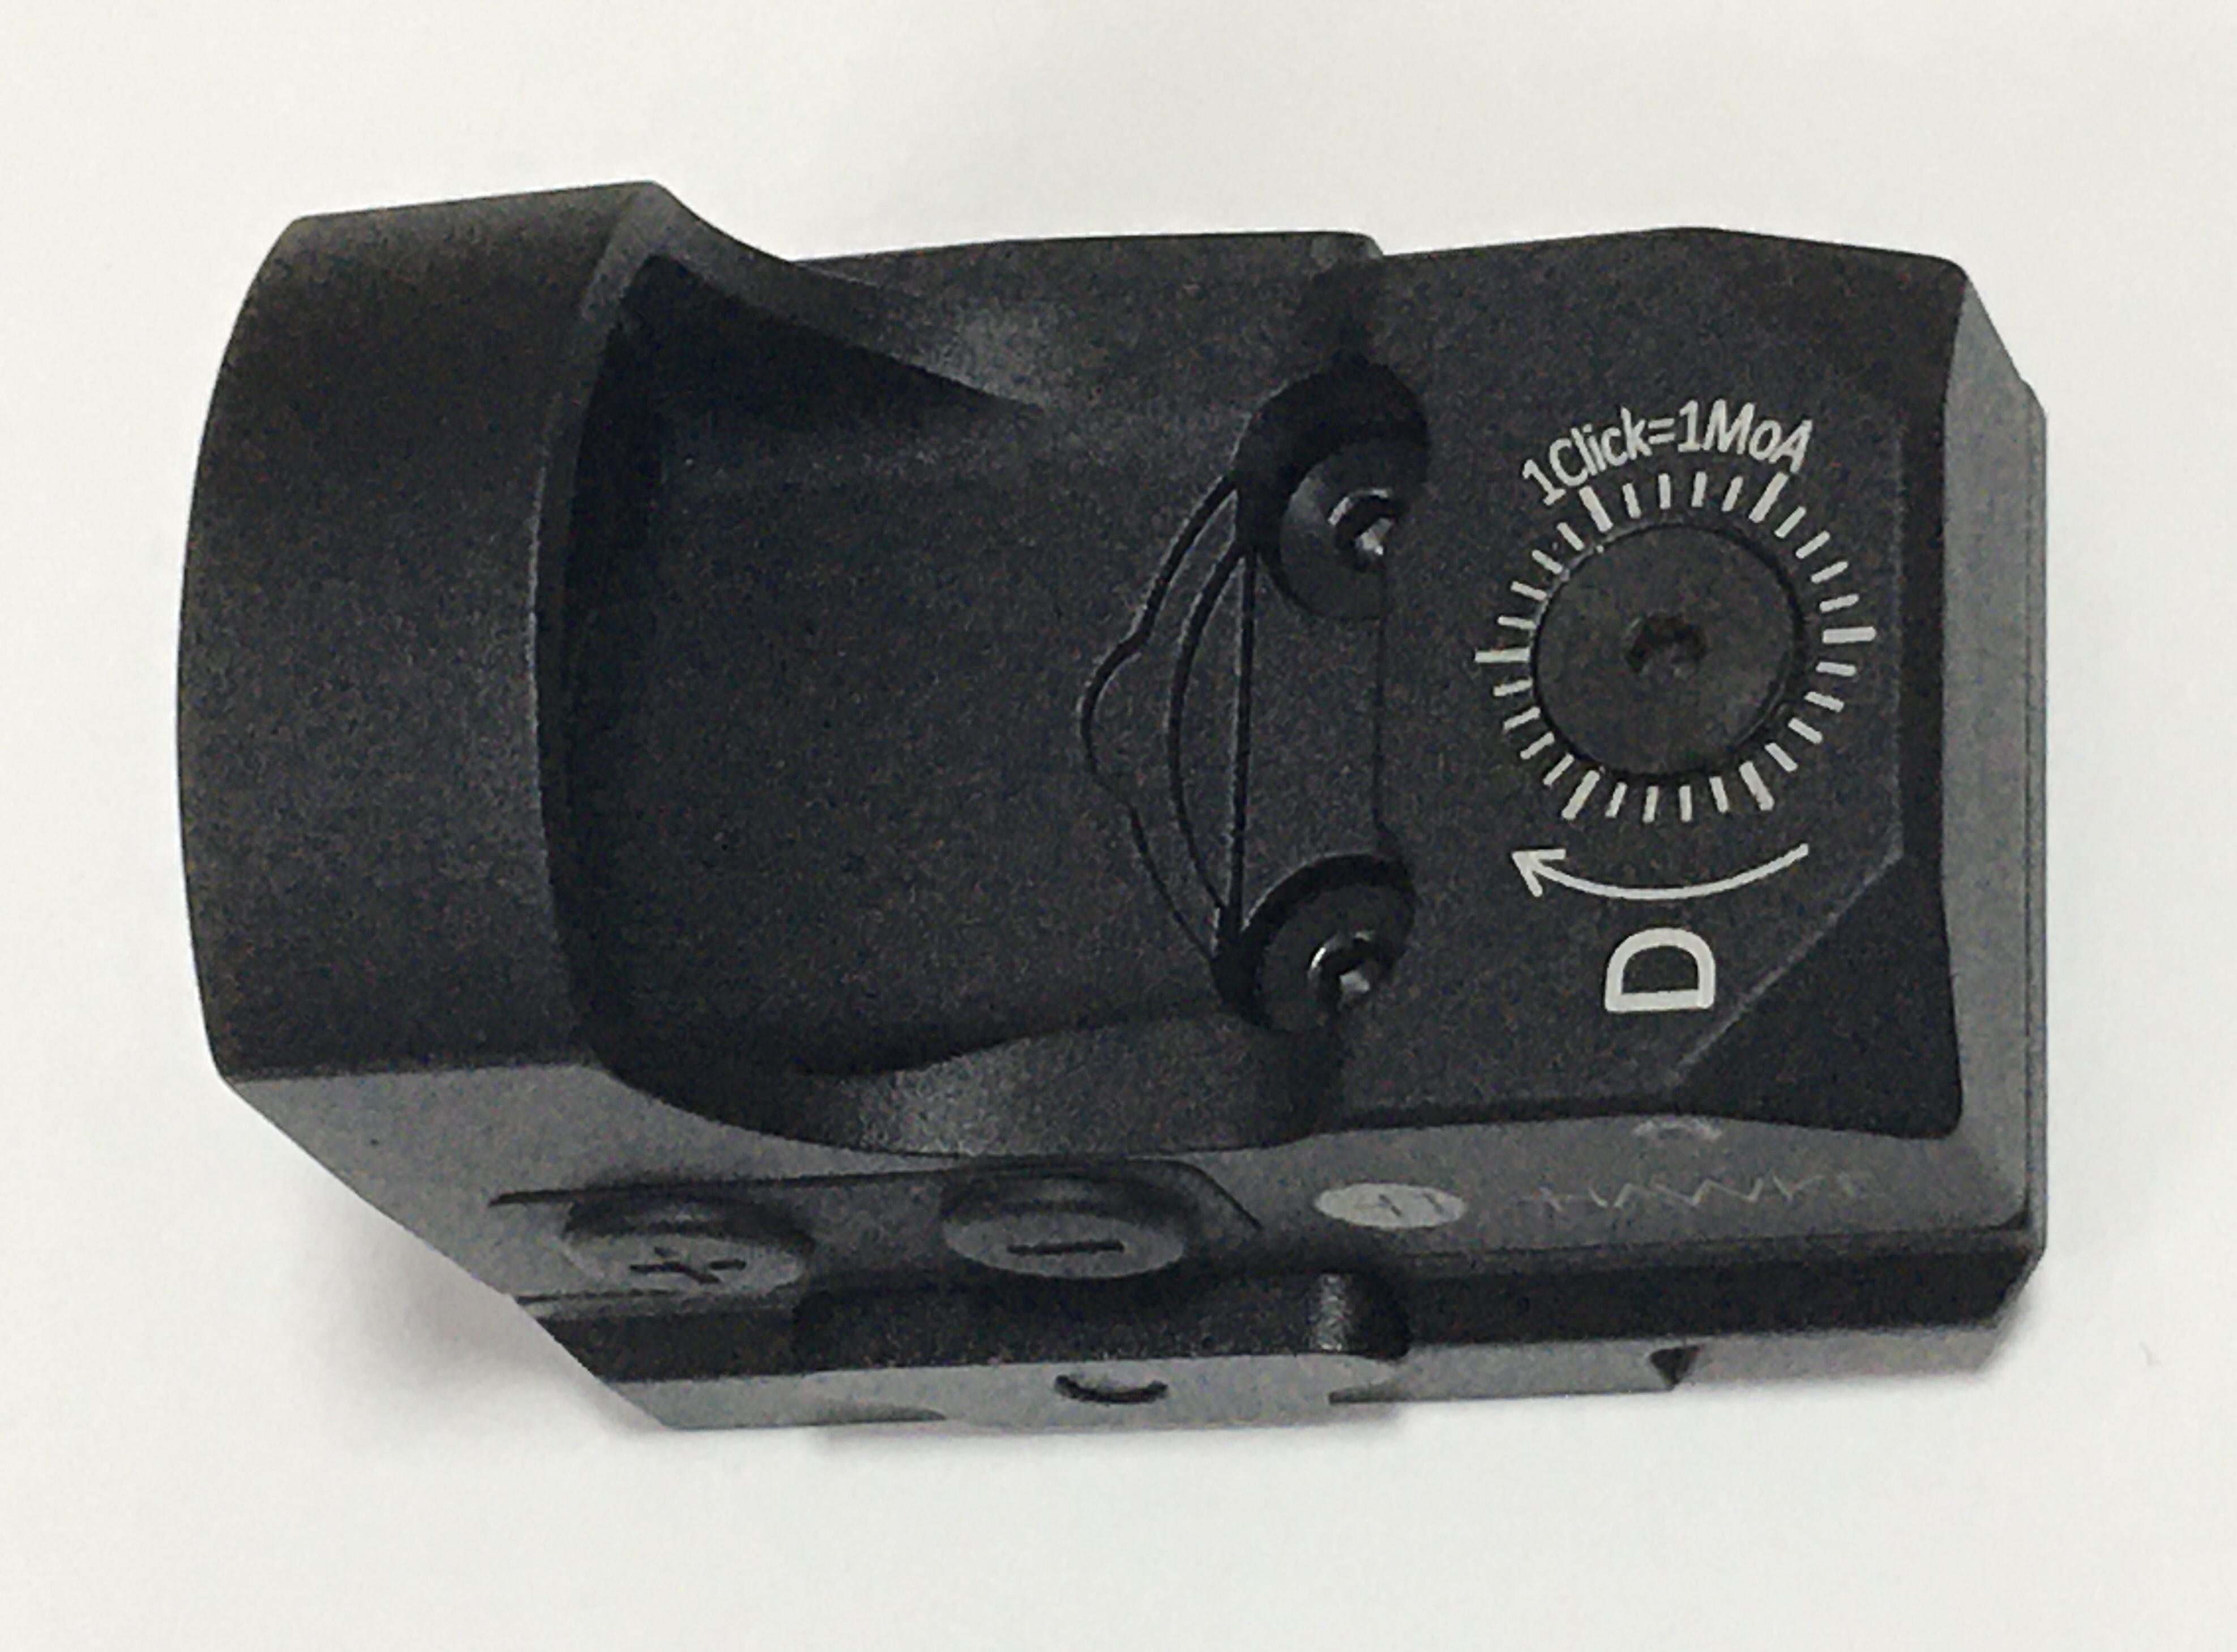 NEU Hawke Mikroreflexvisier 3 MOA  1x25 Weaver mit 7 Helligkeitsstufen angepasst für HW 45 Target und Trophy